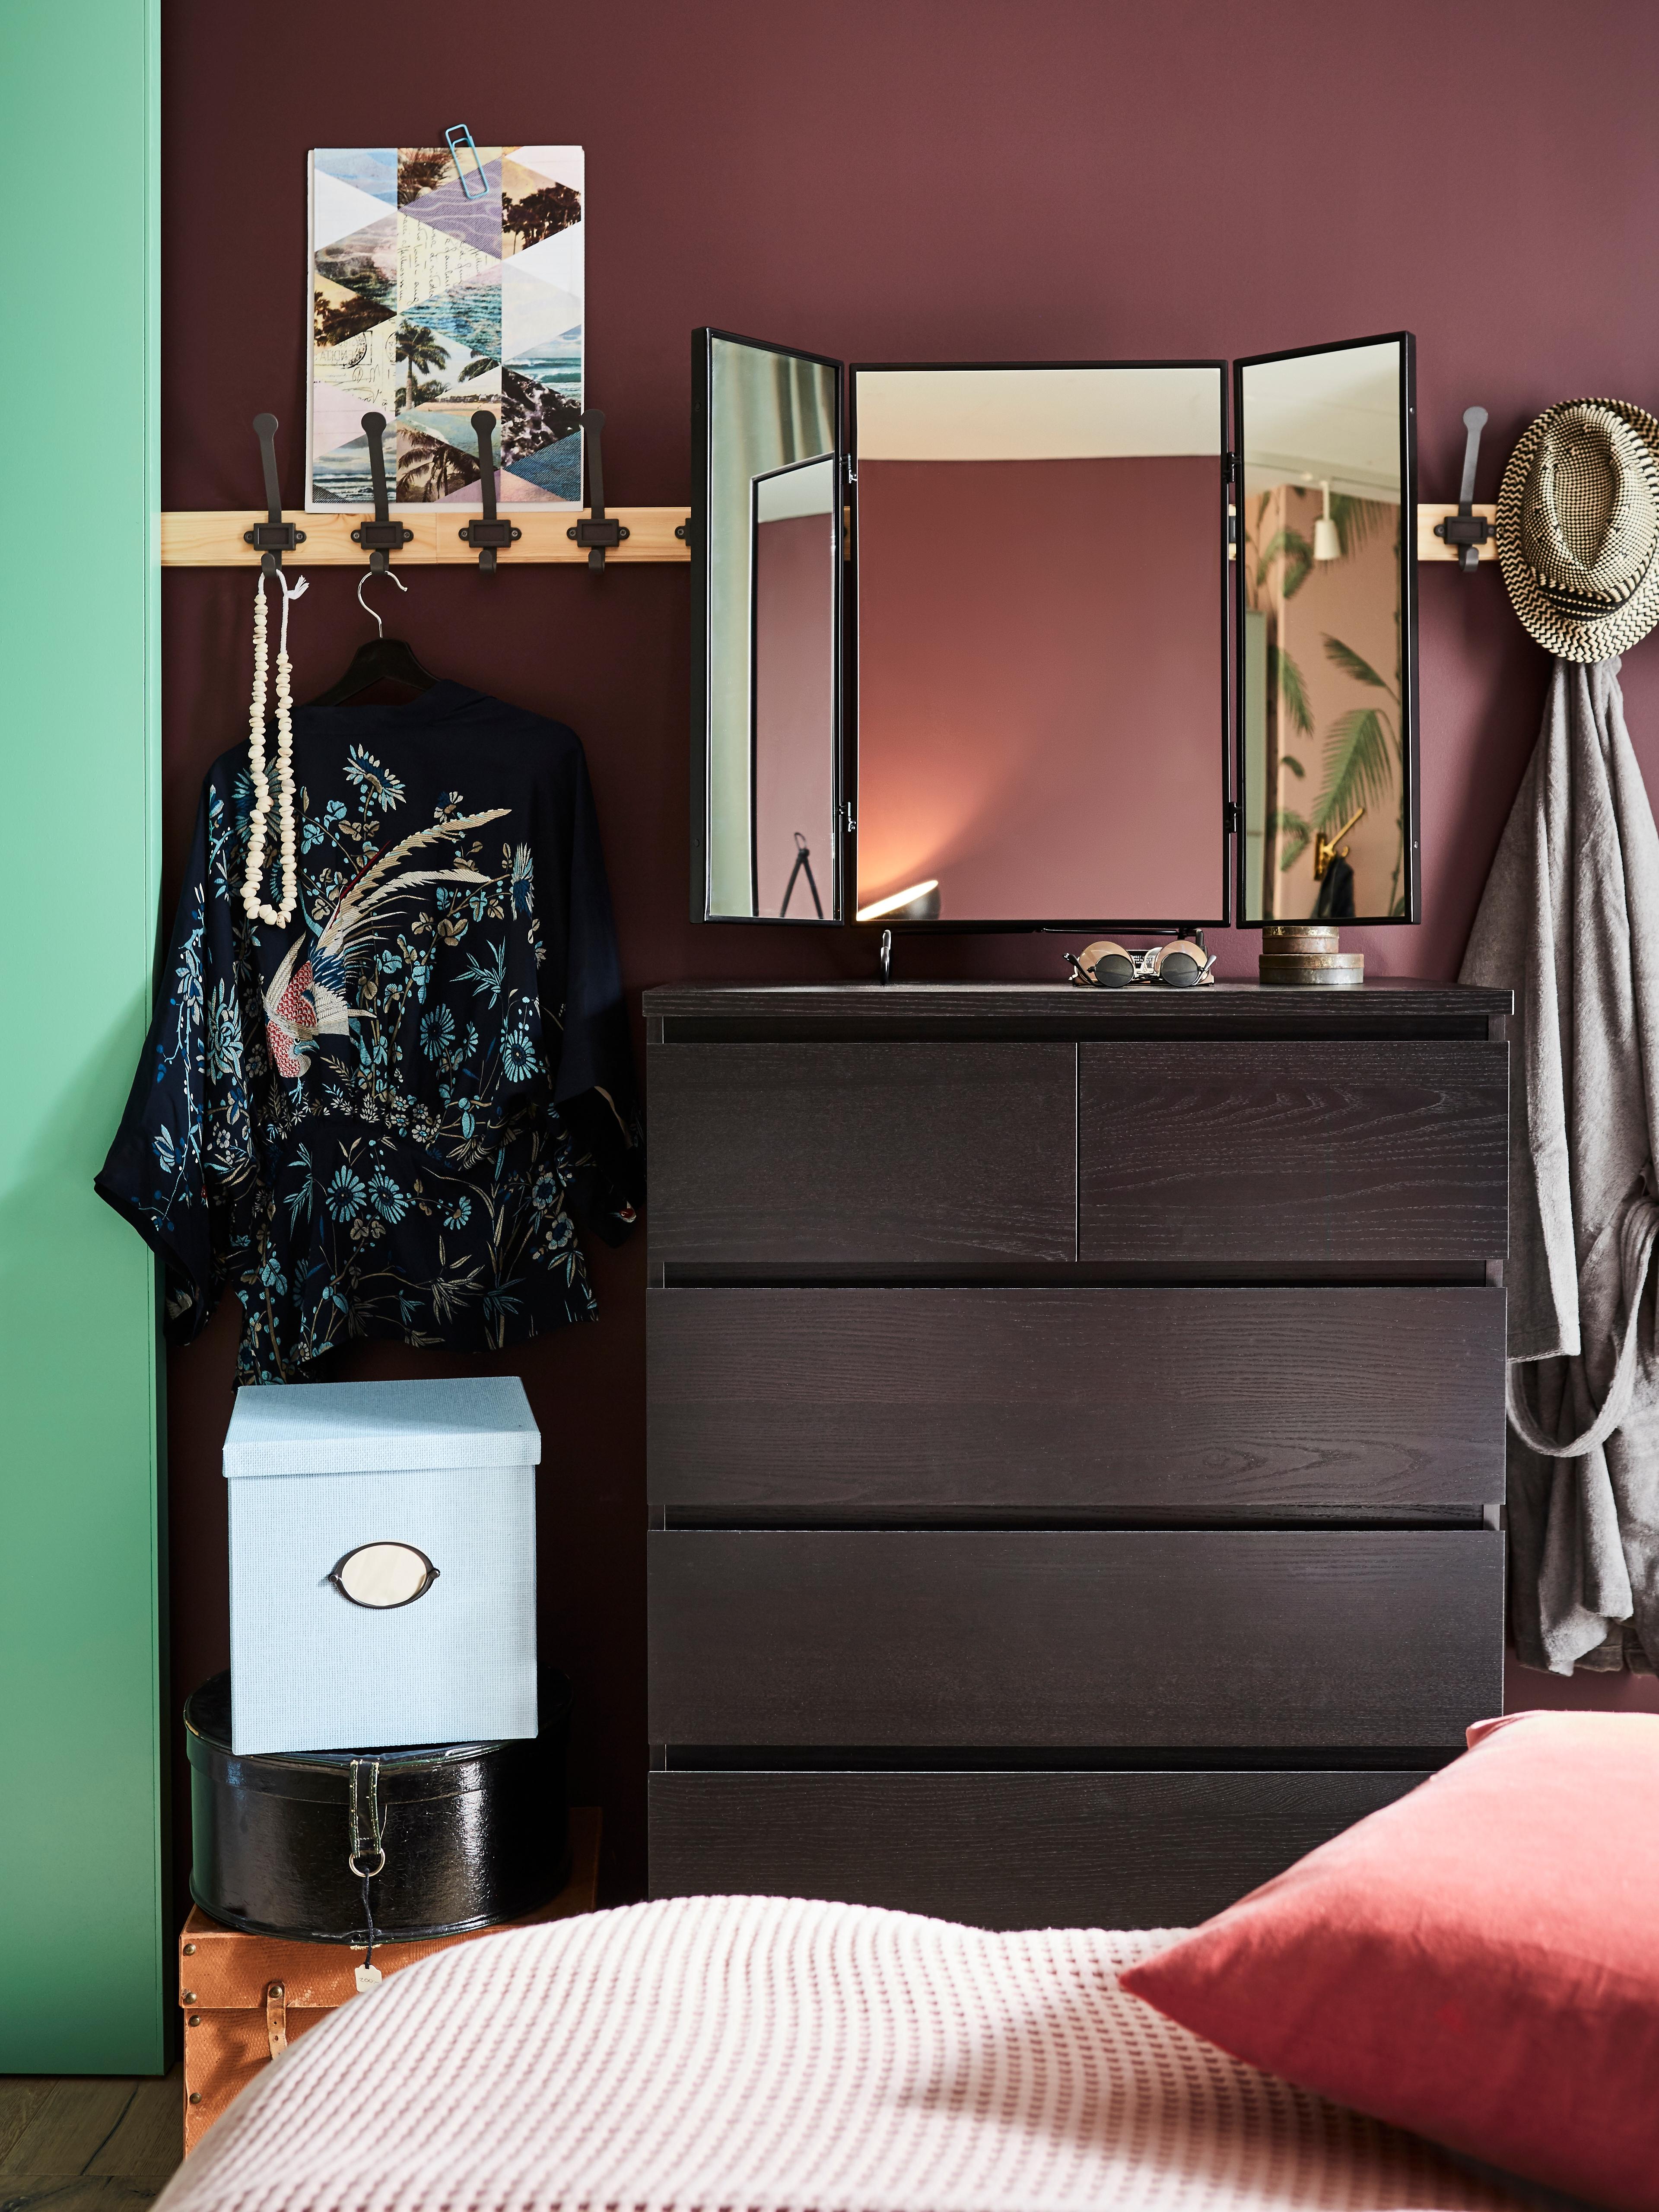 Camera da letto con cassettiera MALM su cui è appoggiato uno specchio, e binario a parete con vari oggetti appesi.